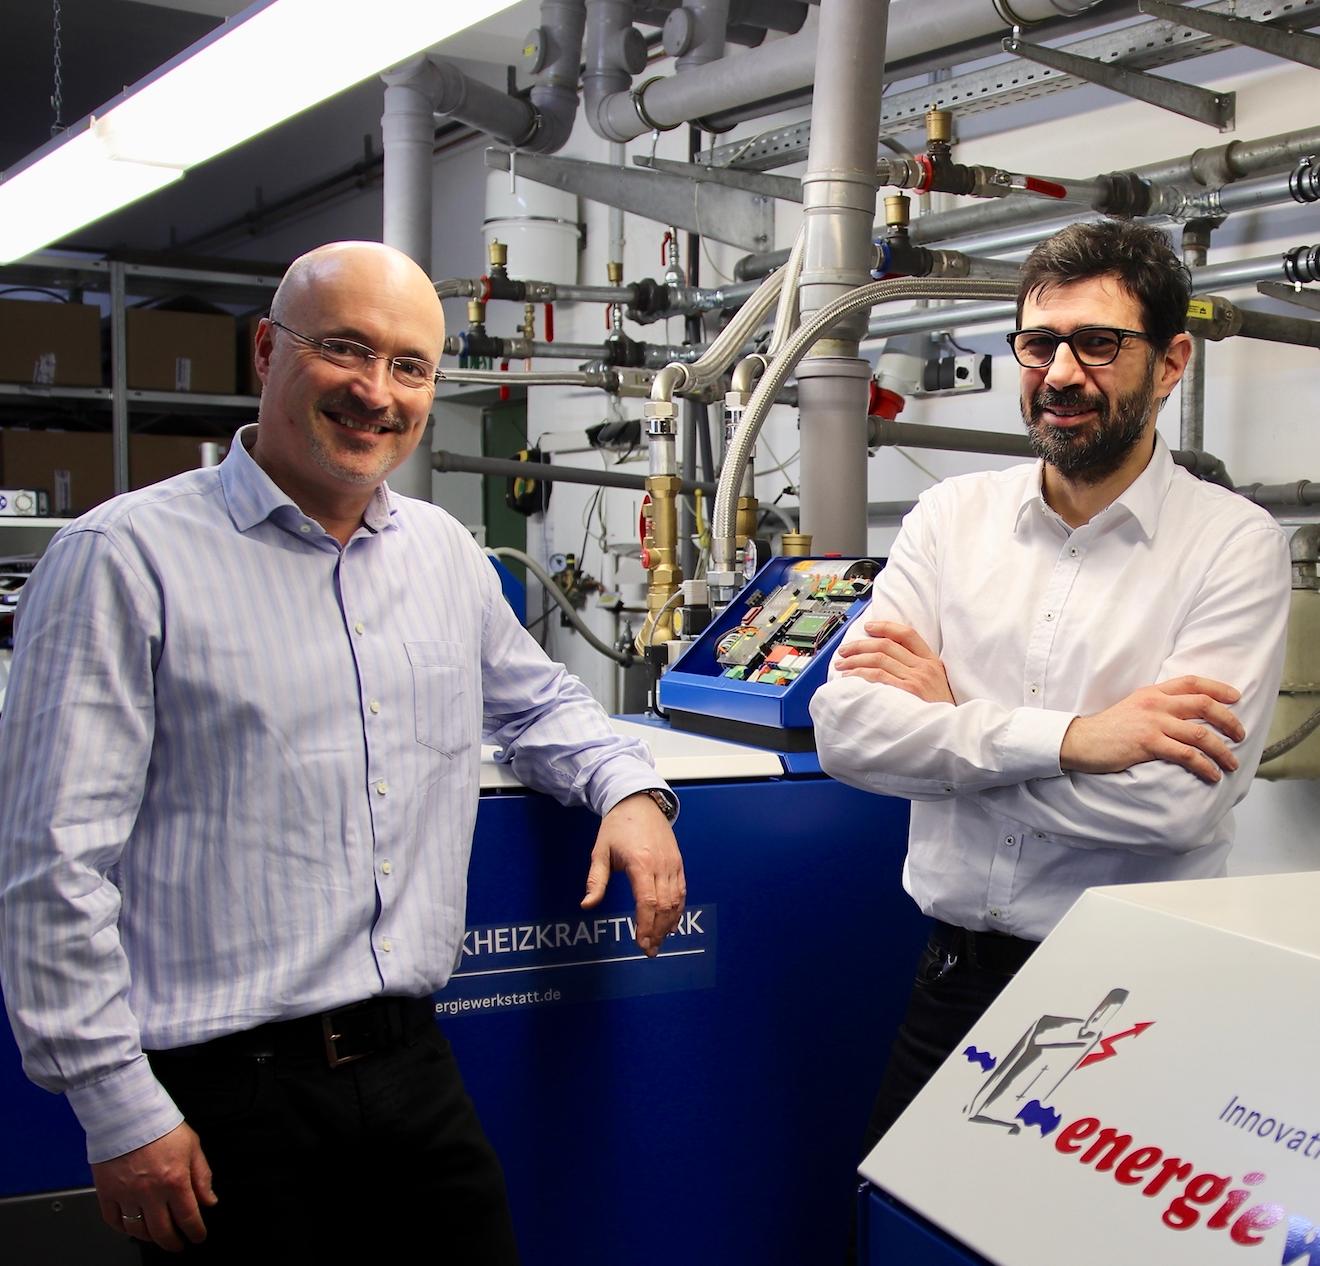 Lutz Raugust Und Lutz Gärtner Sind Zufriedene Partner Der EMC Berlin Energieberatung